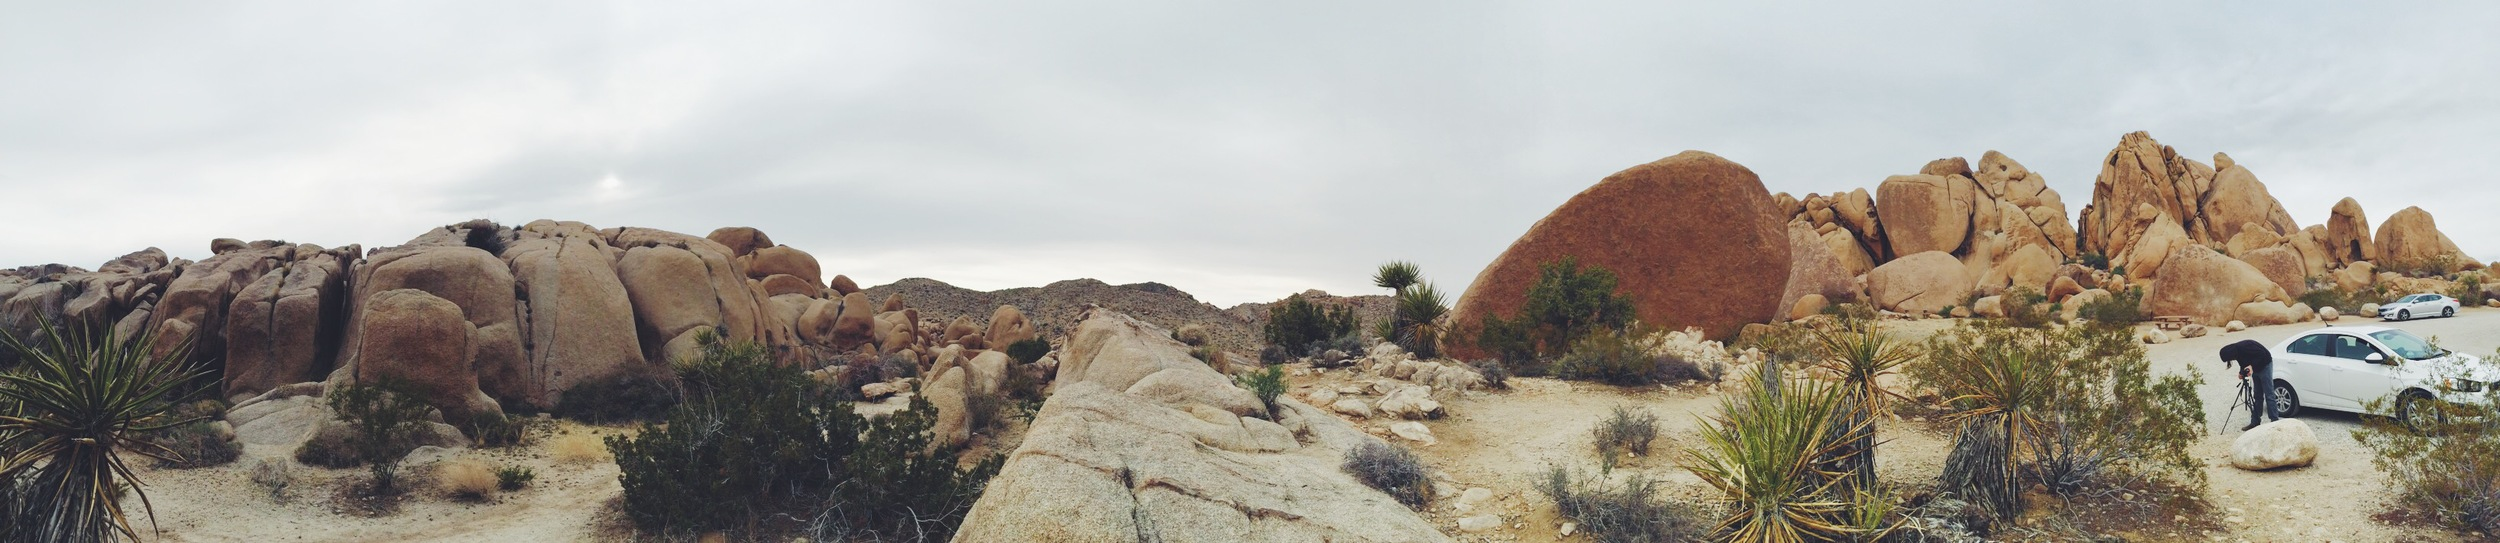 Near the Split Rock